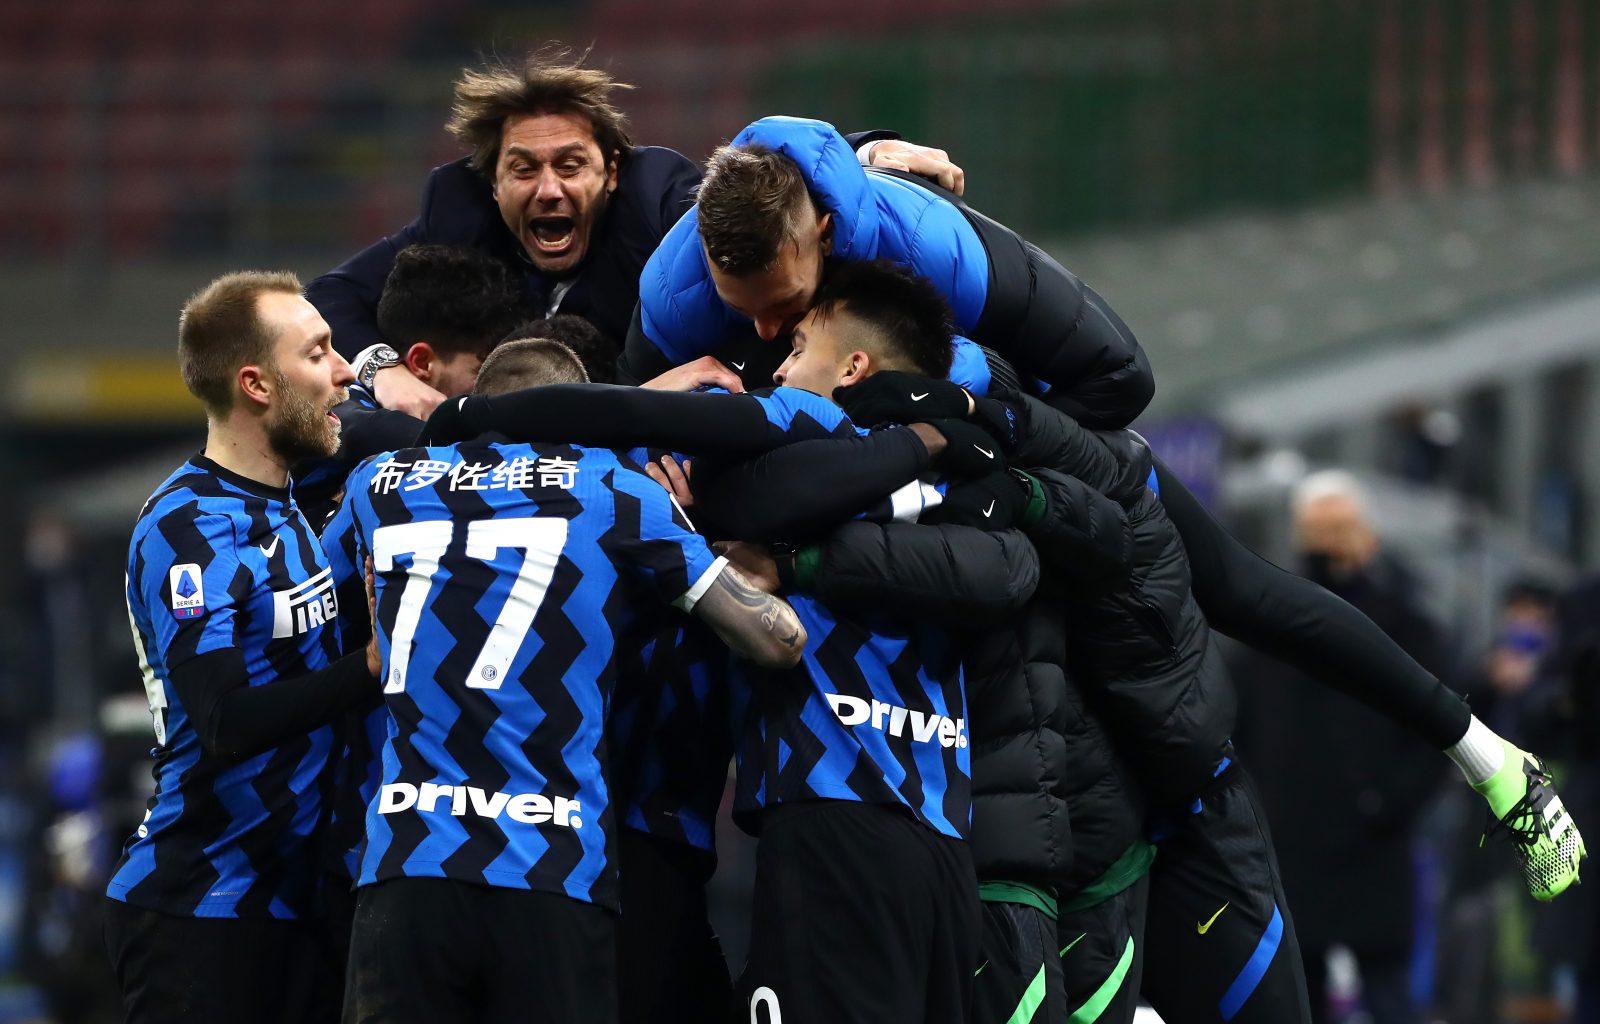 Inter, Il Lavoro Di Conte Si Vede: Guadagnati Oltre 100 Punti Sulle Rivali